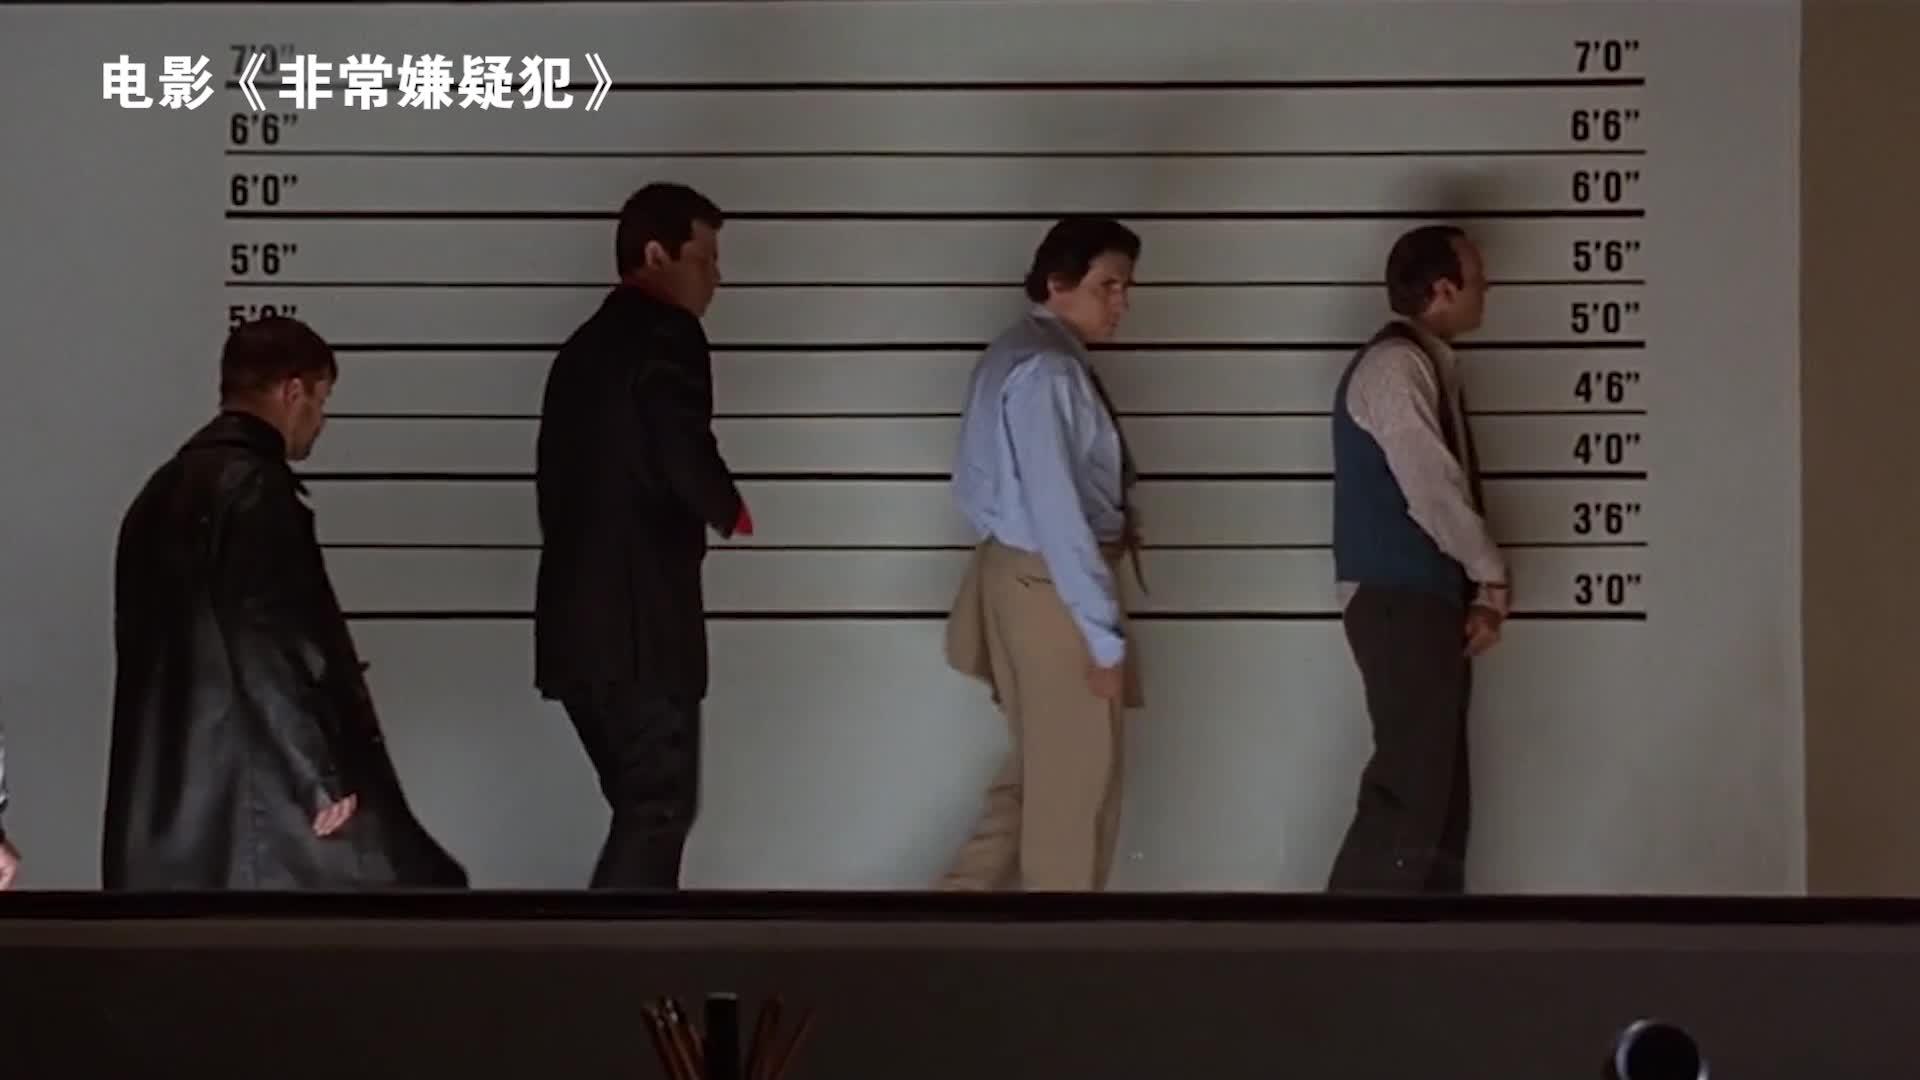 #分分钟看电影 #撒谎最高境界 嫌疑犯警局现场忽悠警察 最后逃之夭夭